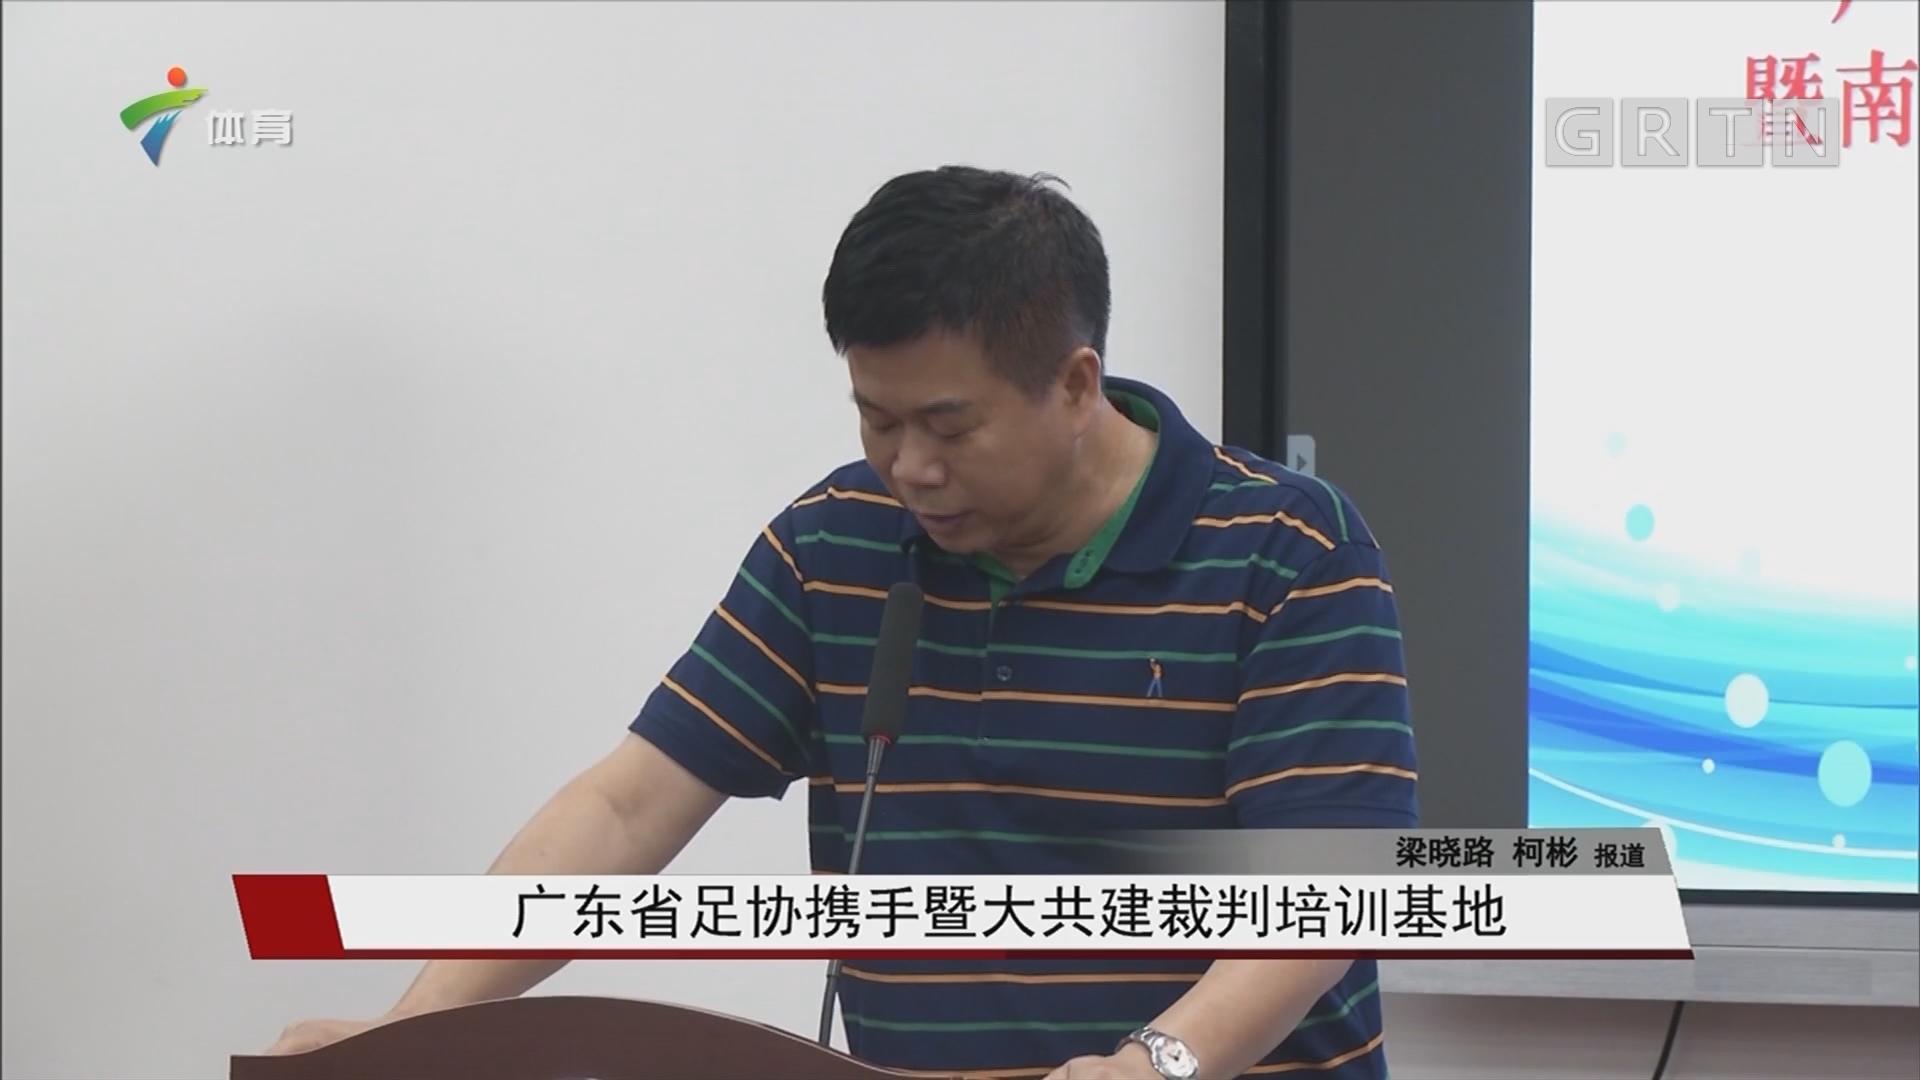 广东省足协携手暨大共建裁判培训基地